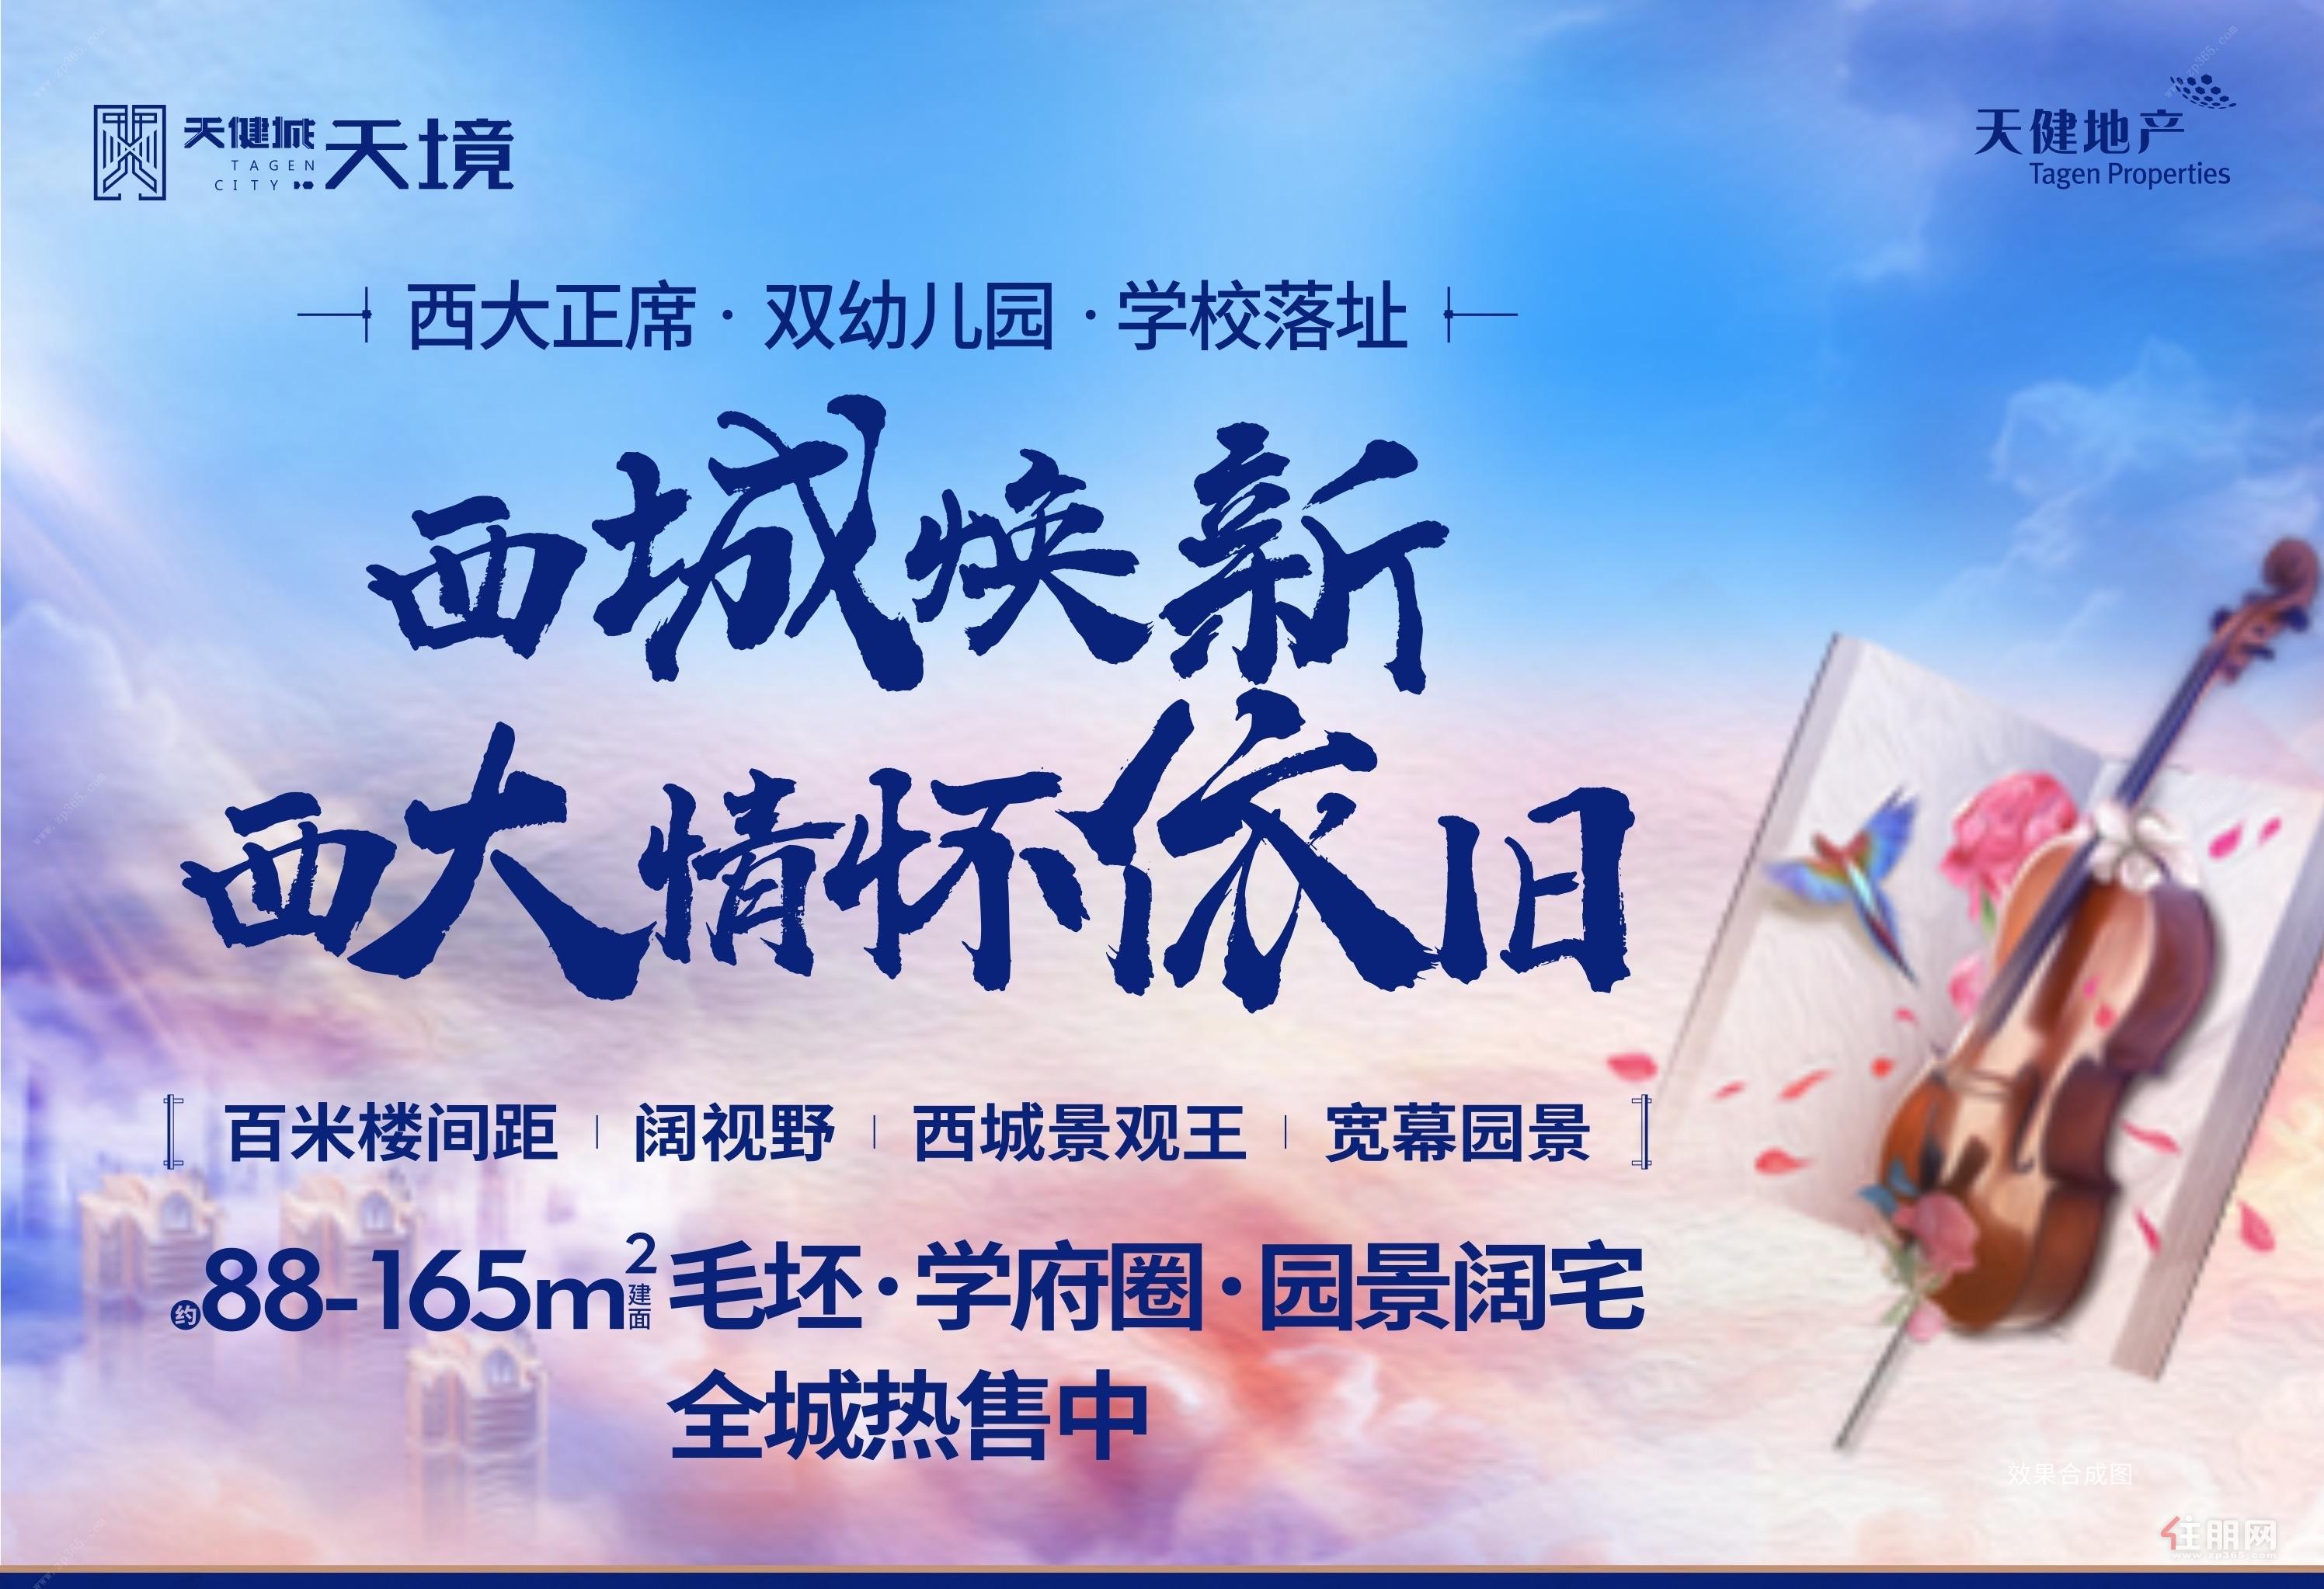 2020年12月19日西鄉塘看房團:天健城·天境